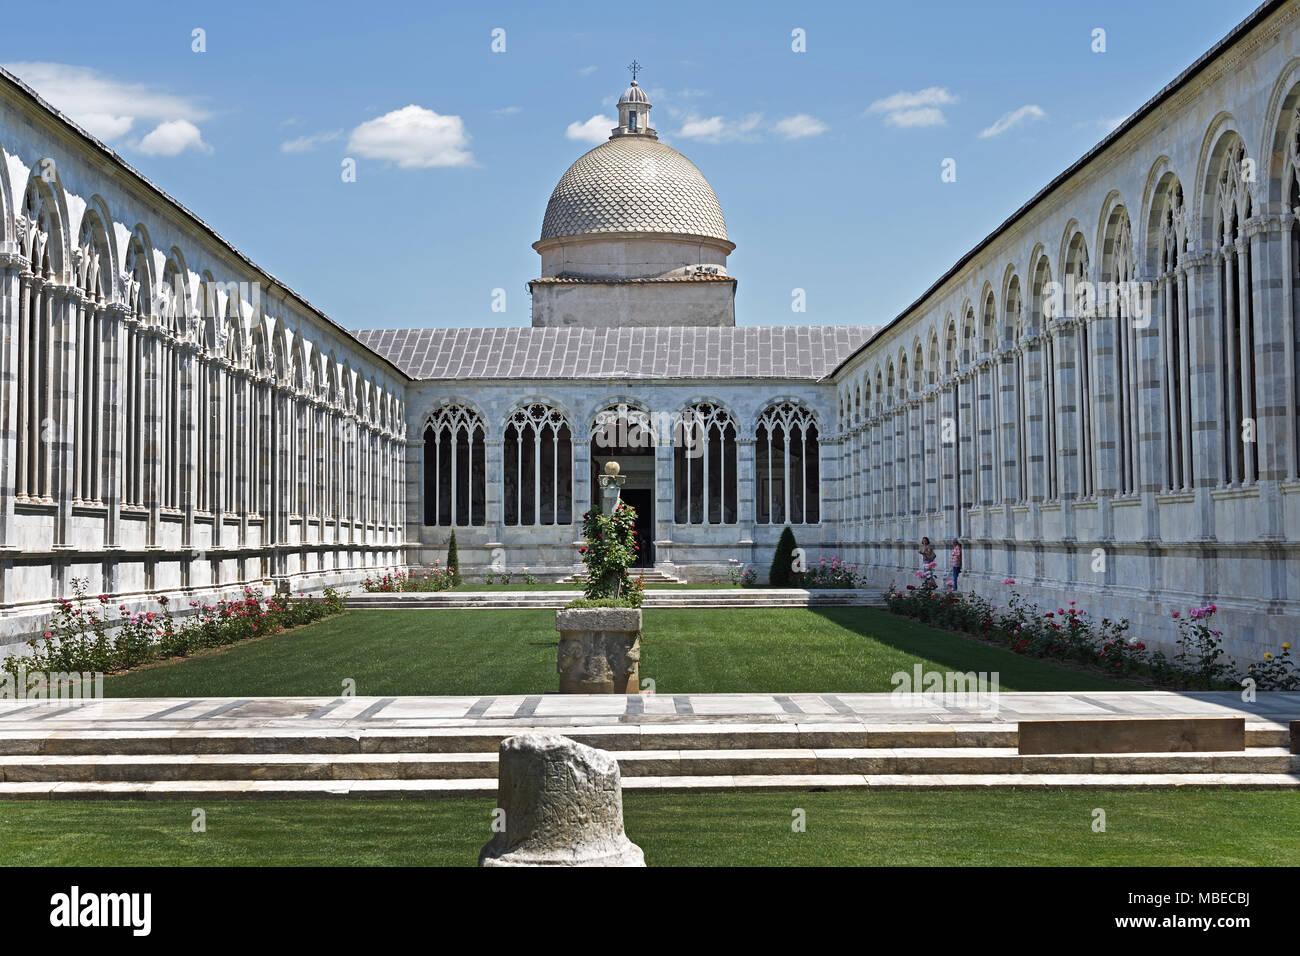 Cimitero di Campo Santo - Campo Santo Cemetery 1277 by Giovanni di Simone 13th Century Italy Italian Pisa - Stock Image